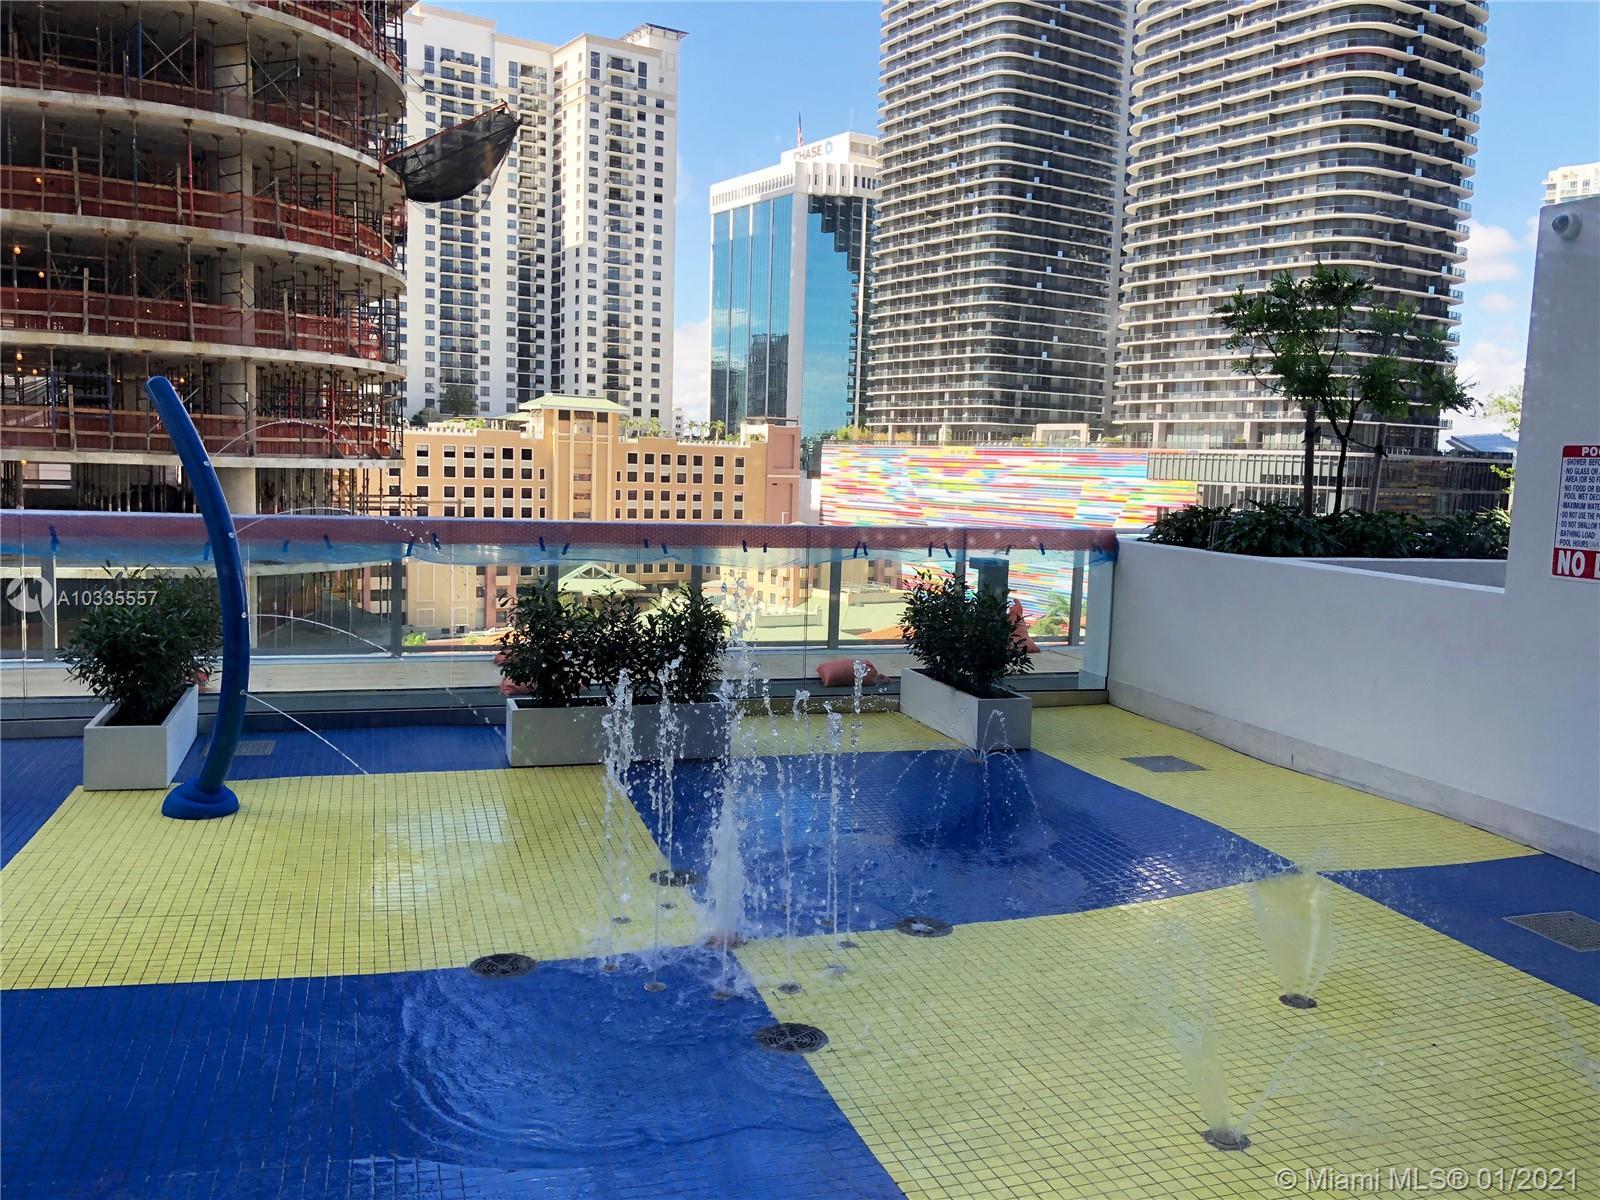 1010 Brickell Avenue, Miami, FL 33131, 1010 Brickell #4608, Brickell, Miami A10335557 image #20